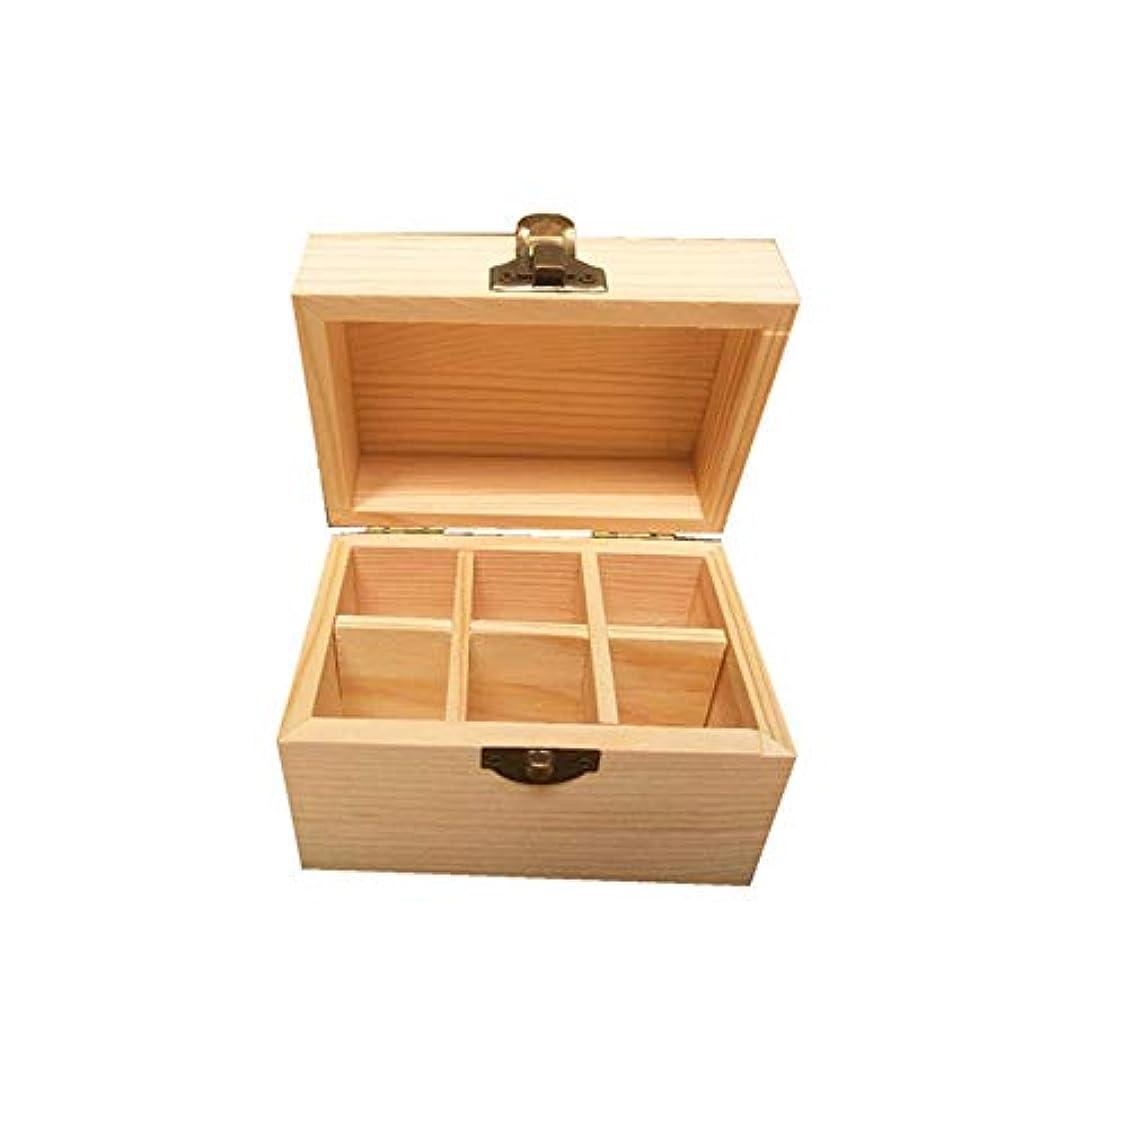 盗難砂パリティエッセンシャルオイルストレージボックス 6ボトル木製エッセンシャルオイルストレージボックスパーフェクトエッセンシャルオイルケース 旅行およびプレゼンテーション用 (色 : Natural, サイズ : 12X8X8.5CM)